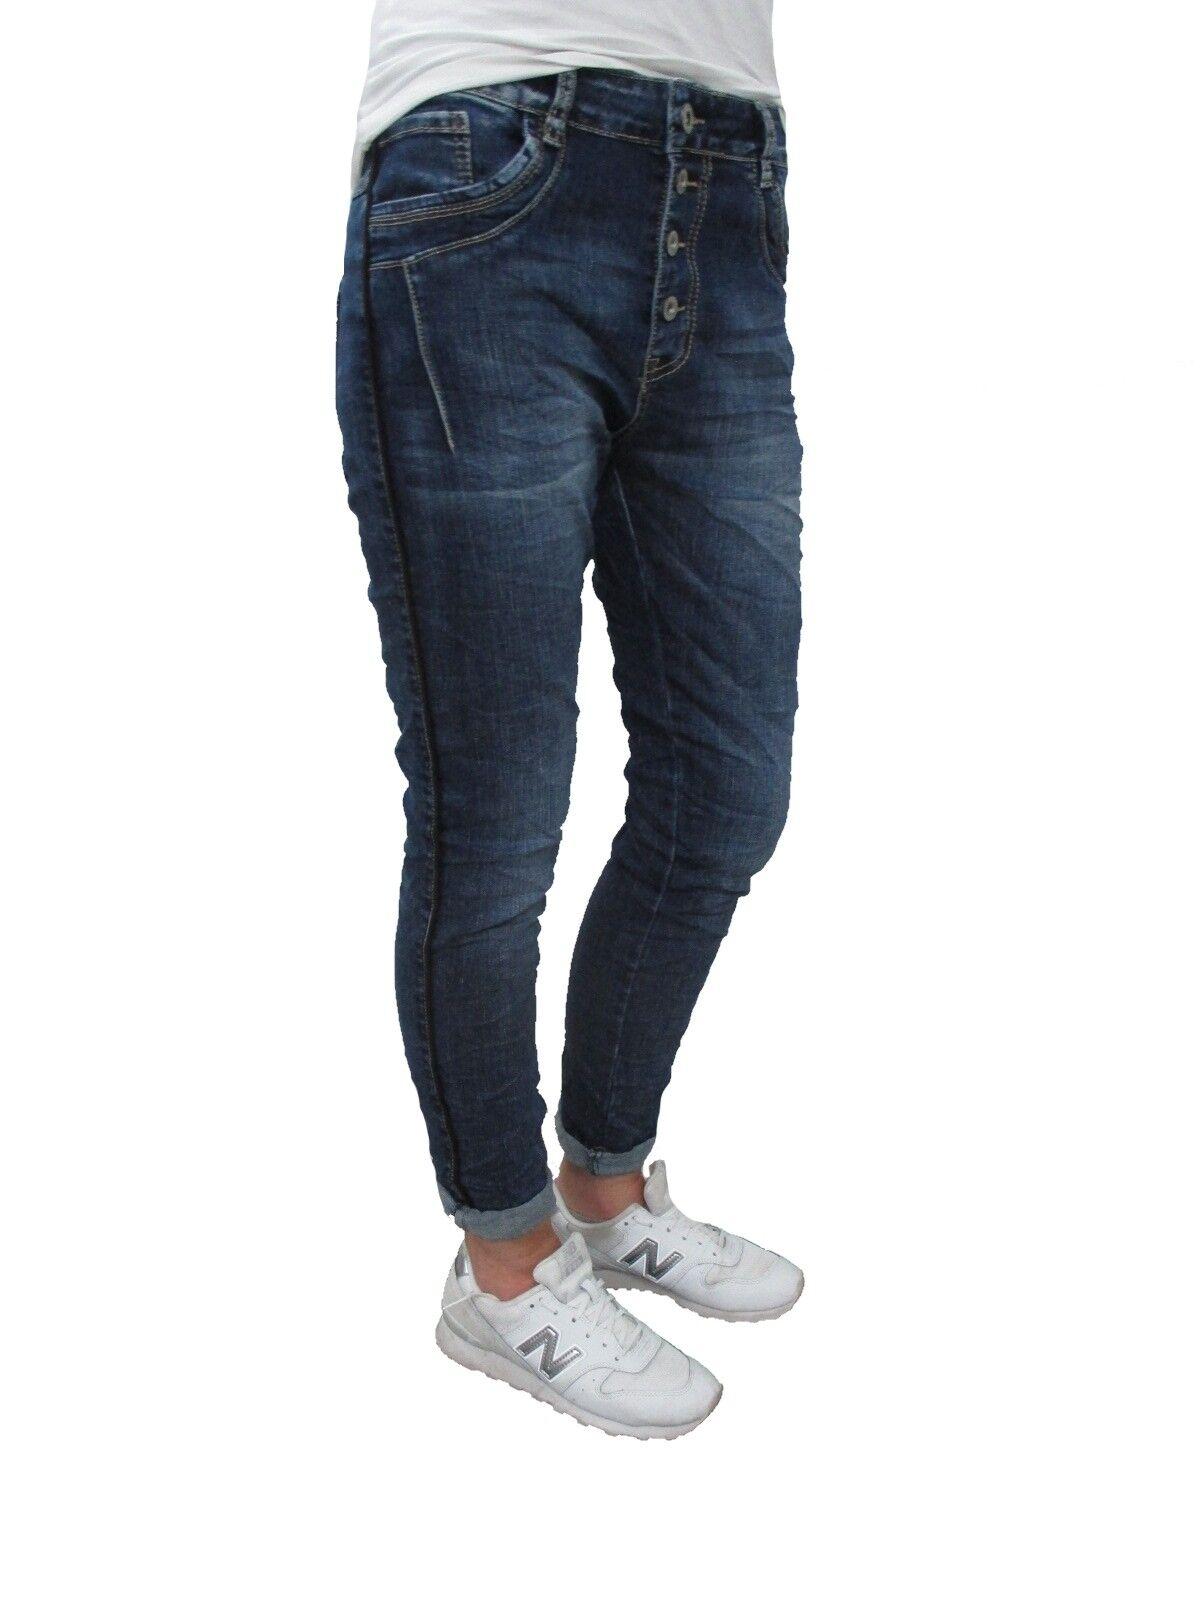 Karostar Lexxury Stretch Baggy Boyfriend Jeans schwarze Seitenstreifen | Spielzeugwelt, fröhlicher Ozean  | Export  | Offizielle  | Tragen-wider  | Smart